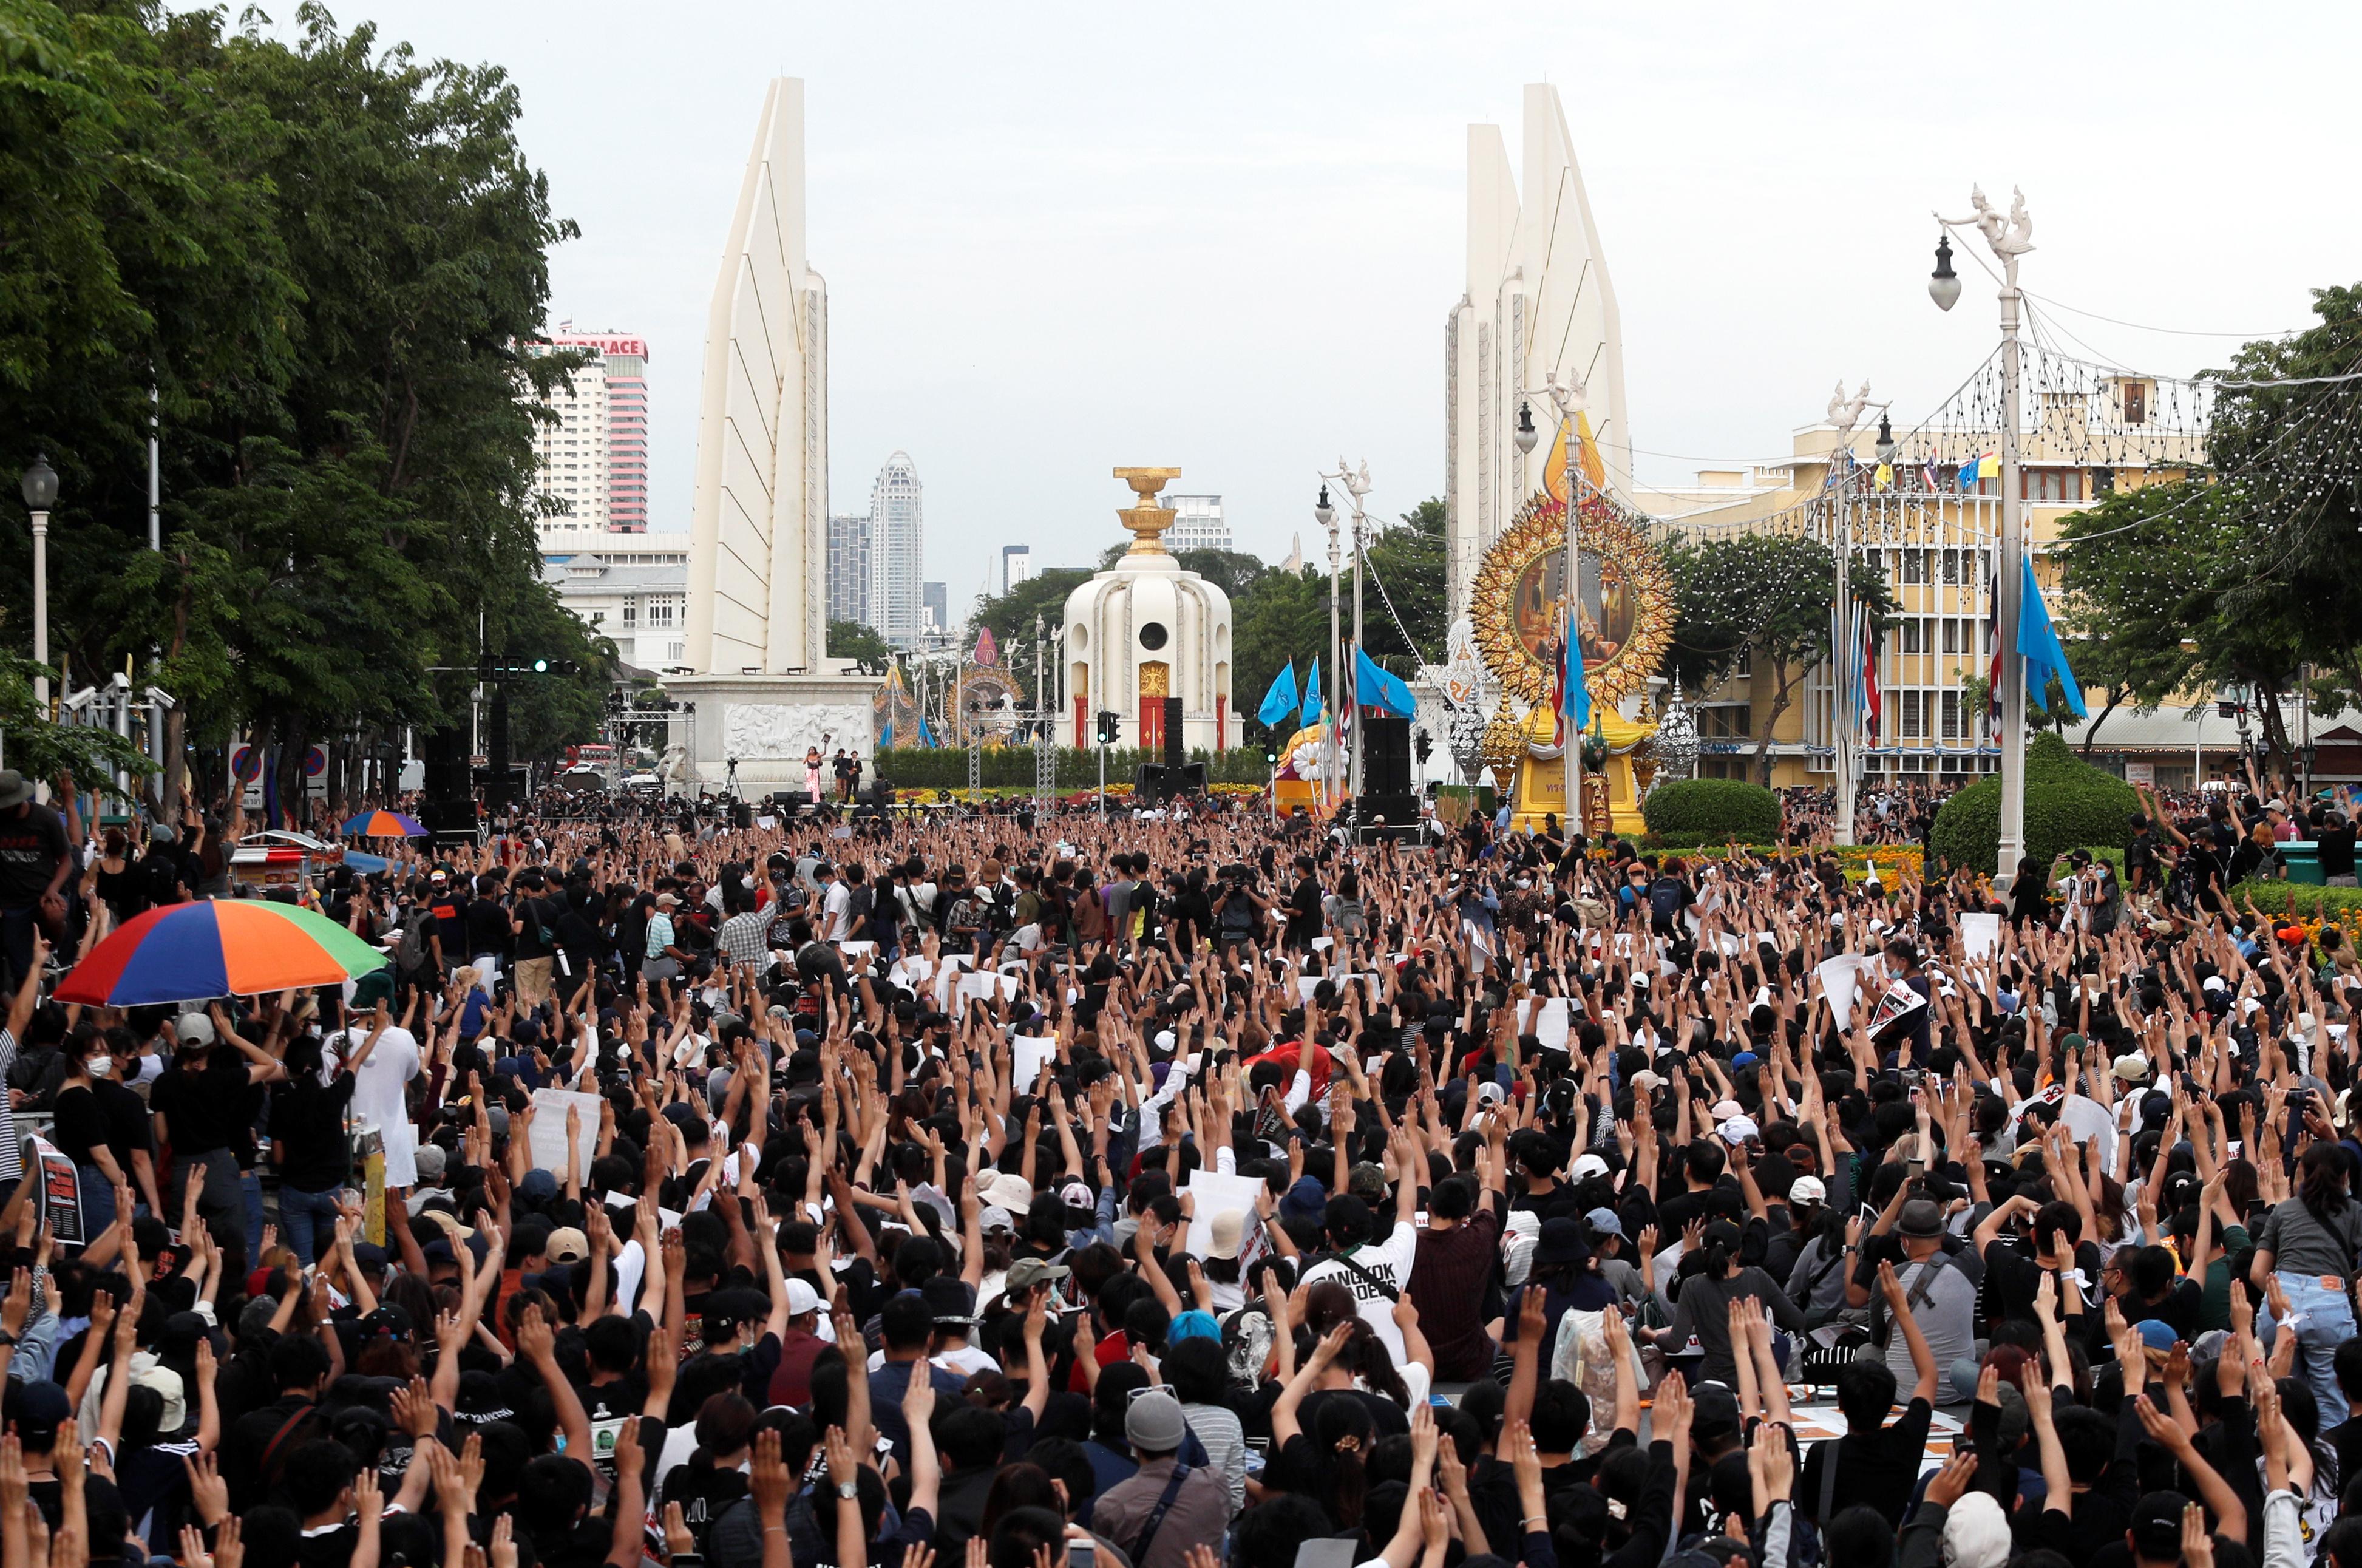 在曼谷,示威由日间持续到夜晚,示威者在市中心民主纪念碑举行集会,有乐队在台上唱反政府歌曲。-路透社-